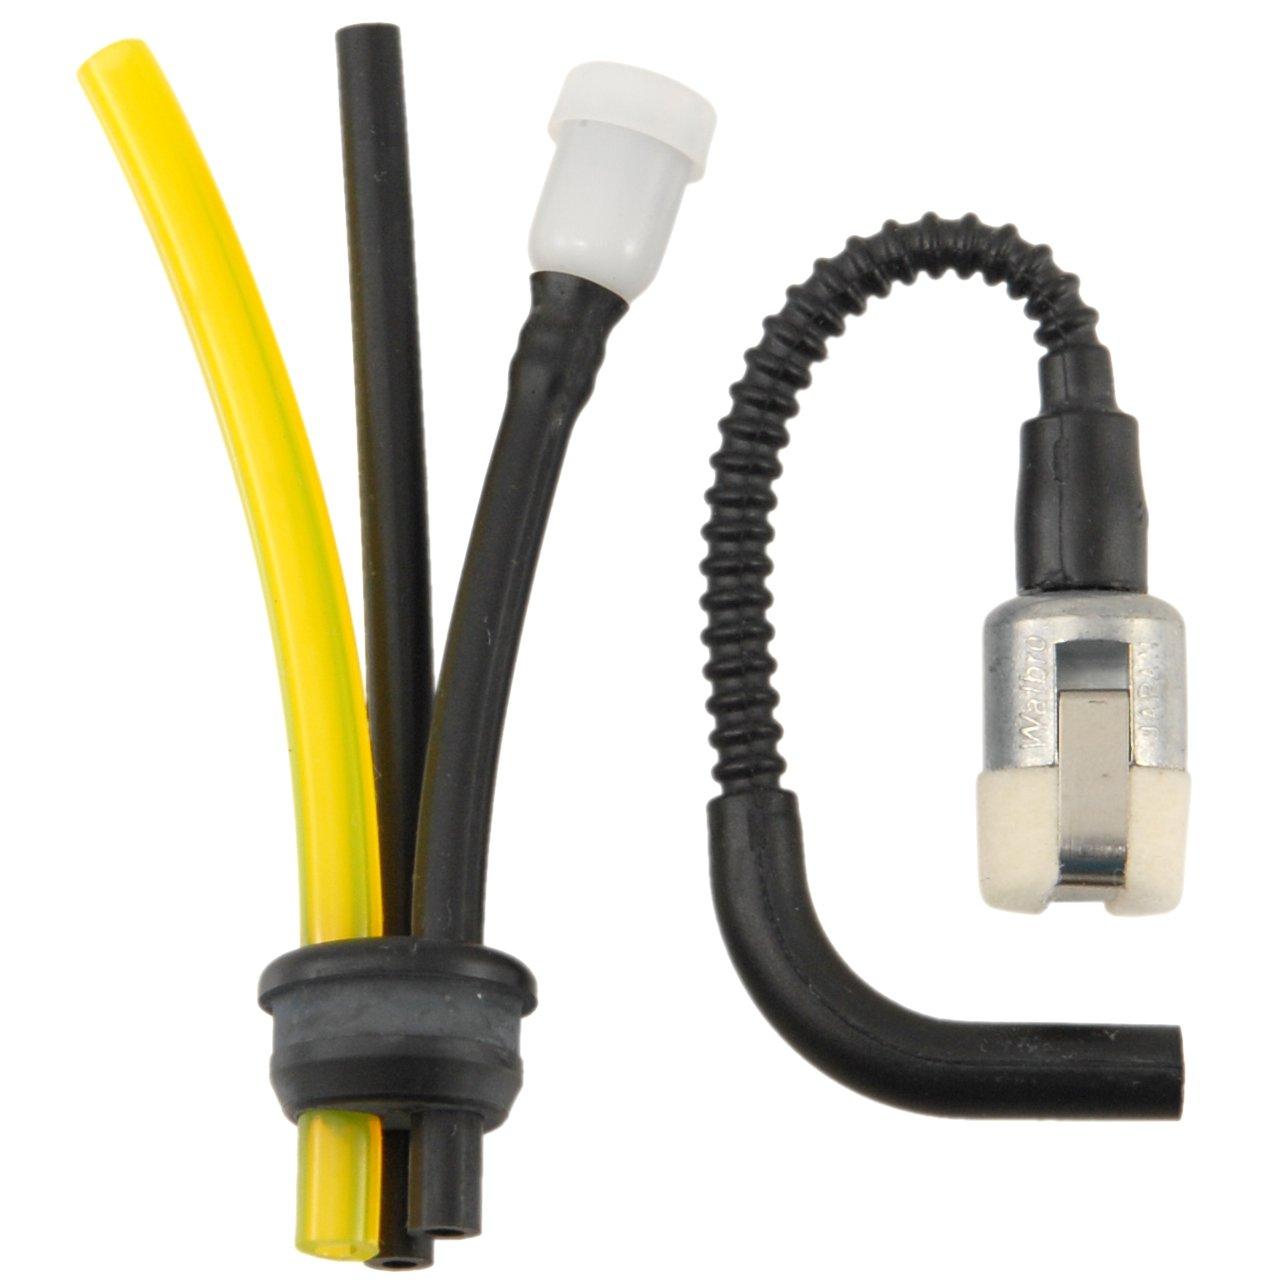 Amazon.com : Echo 90098Y Fuel System Maintenance Kit : Lawn Mower Fuel  Lines : Garden & Outdoor